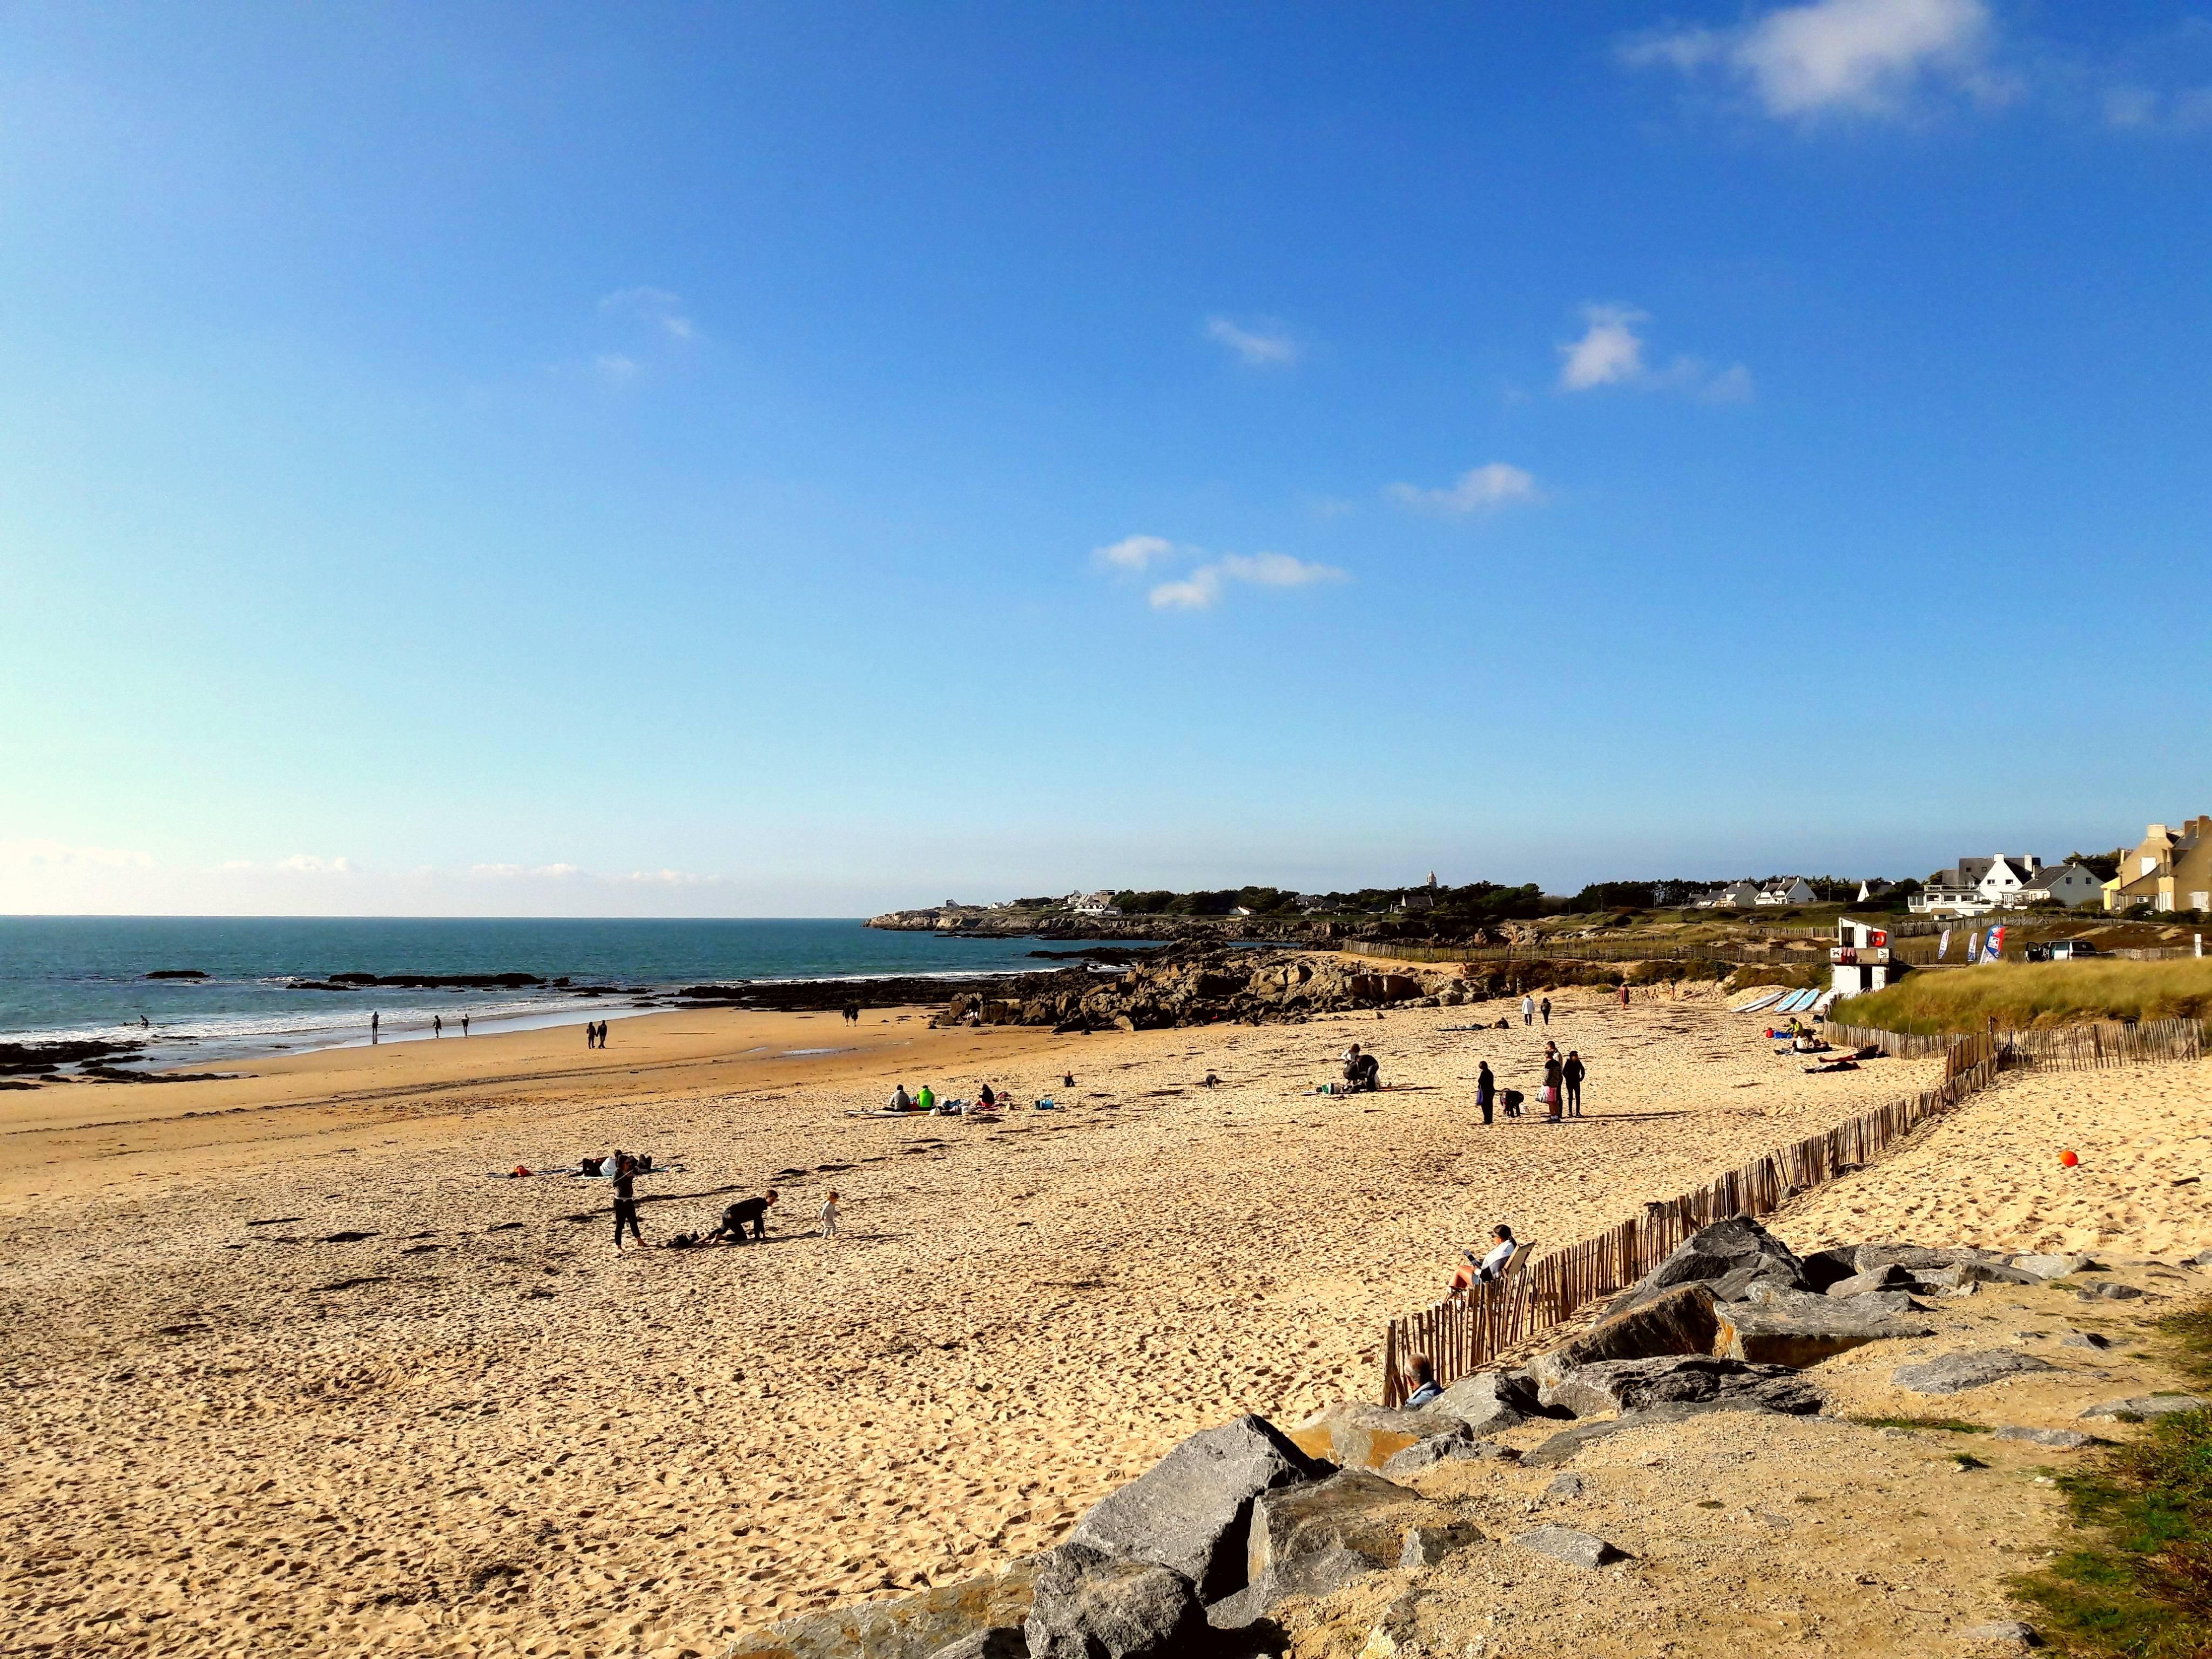 Photo 1: Plage de la Govelle - stop sur la côte sauvage